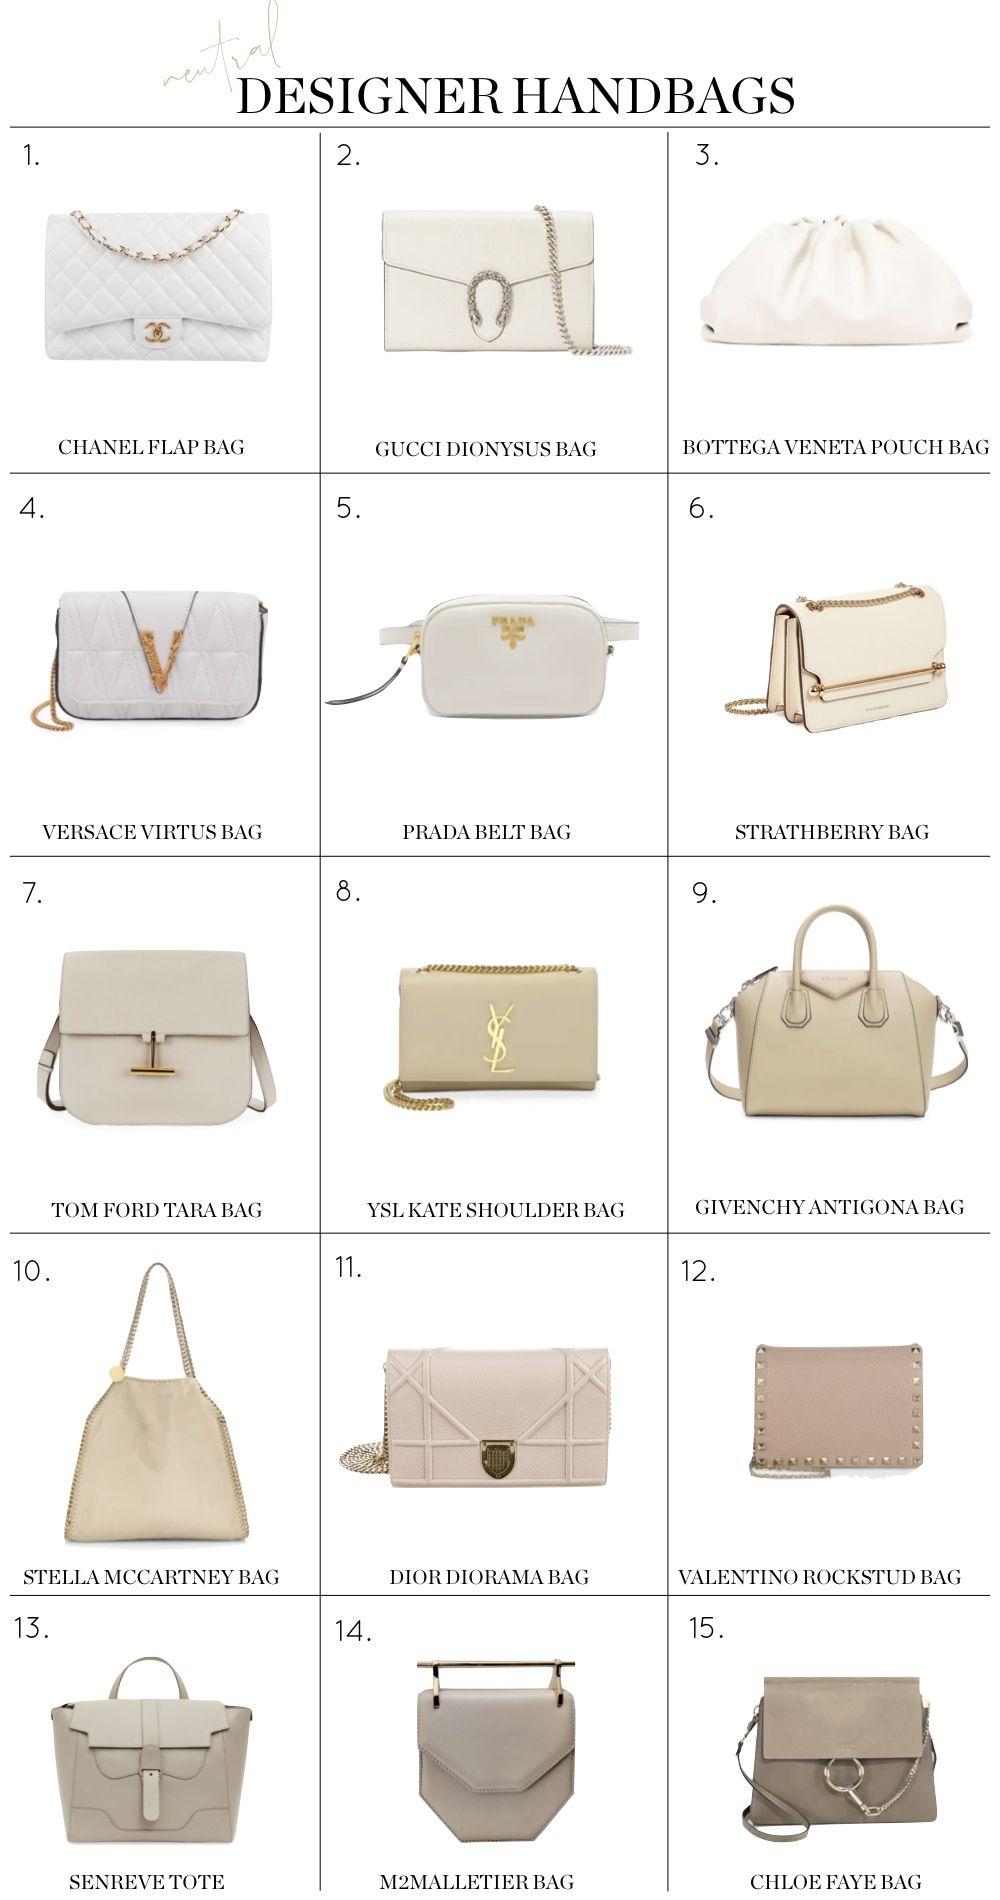 High End Handbag Dupes, 15 best designer handbags purses for spring and similar cheap designer lookalike dupes